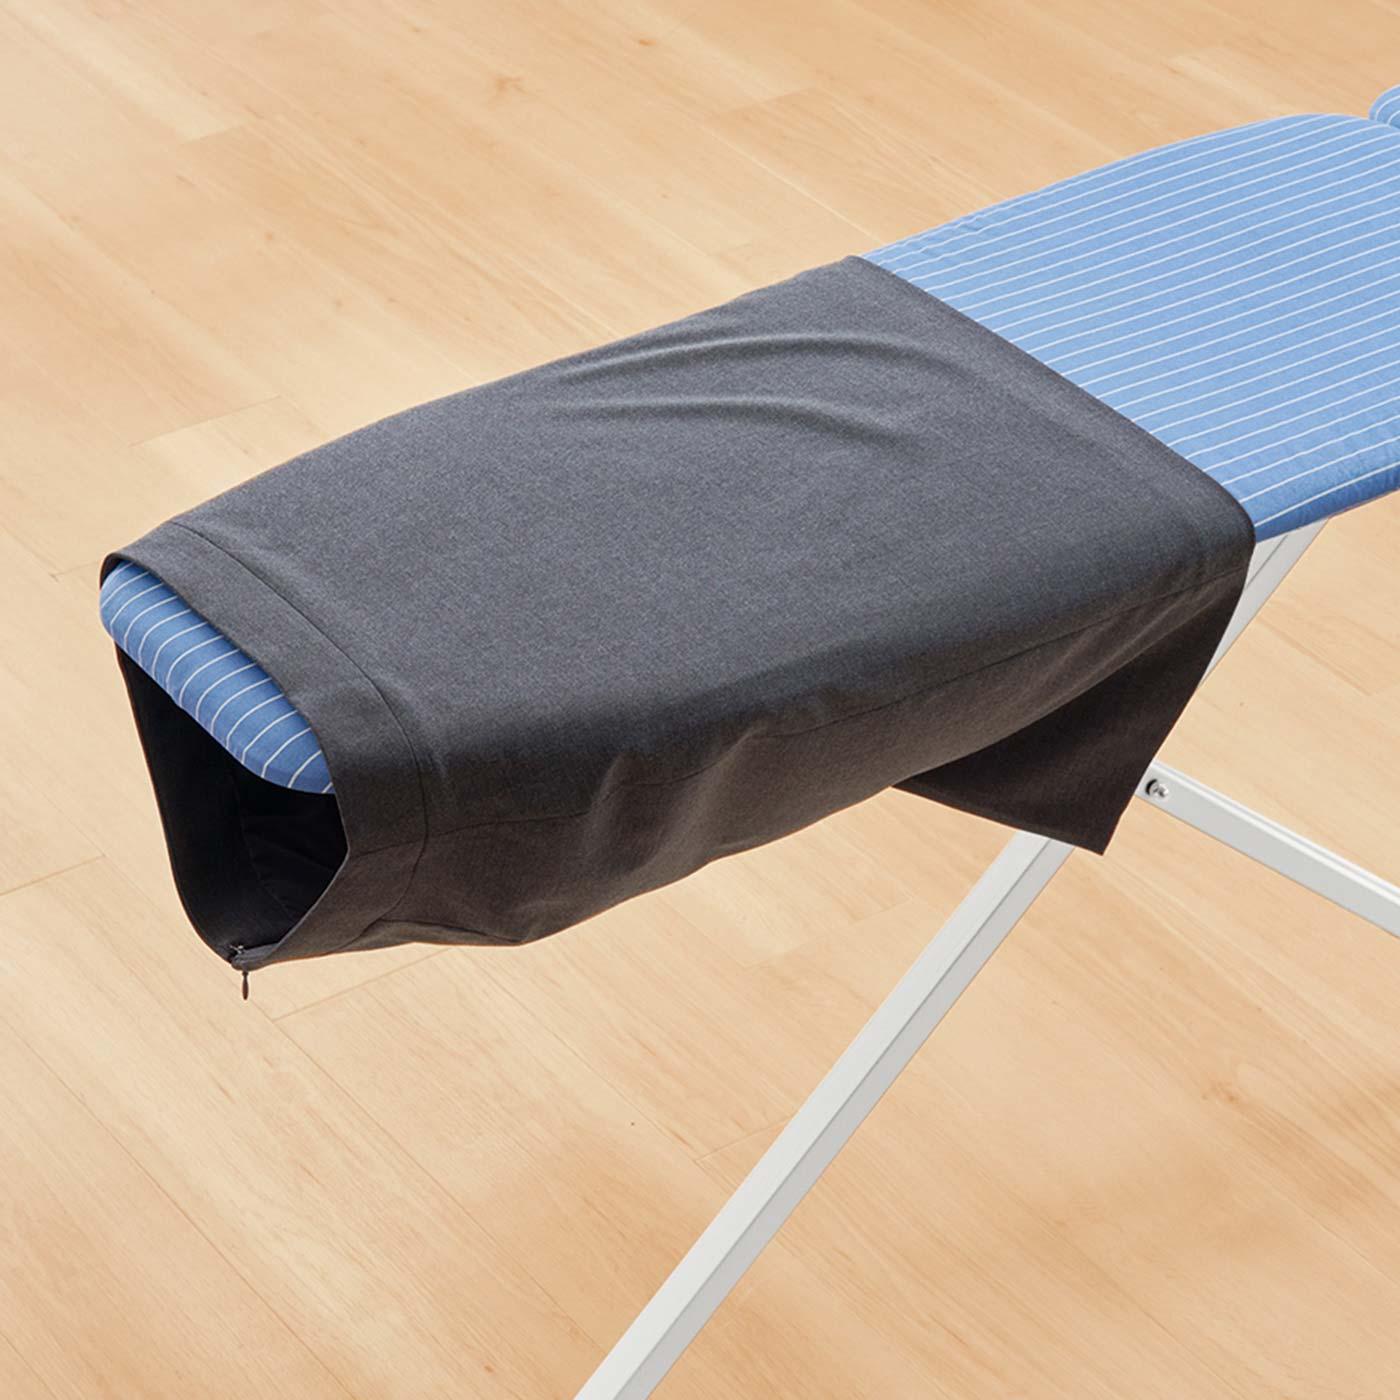 特殊な脚構造で筒状のスカートもアイロン台の先端にすっぽり入ってかけやすい。